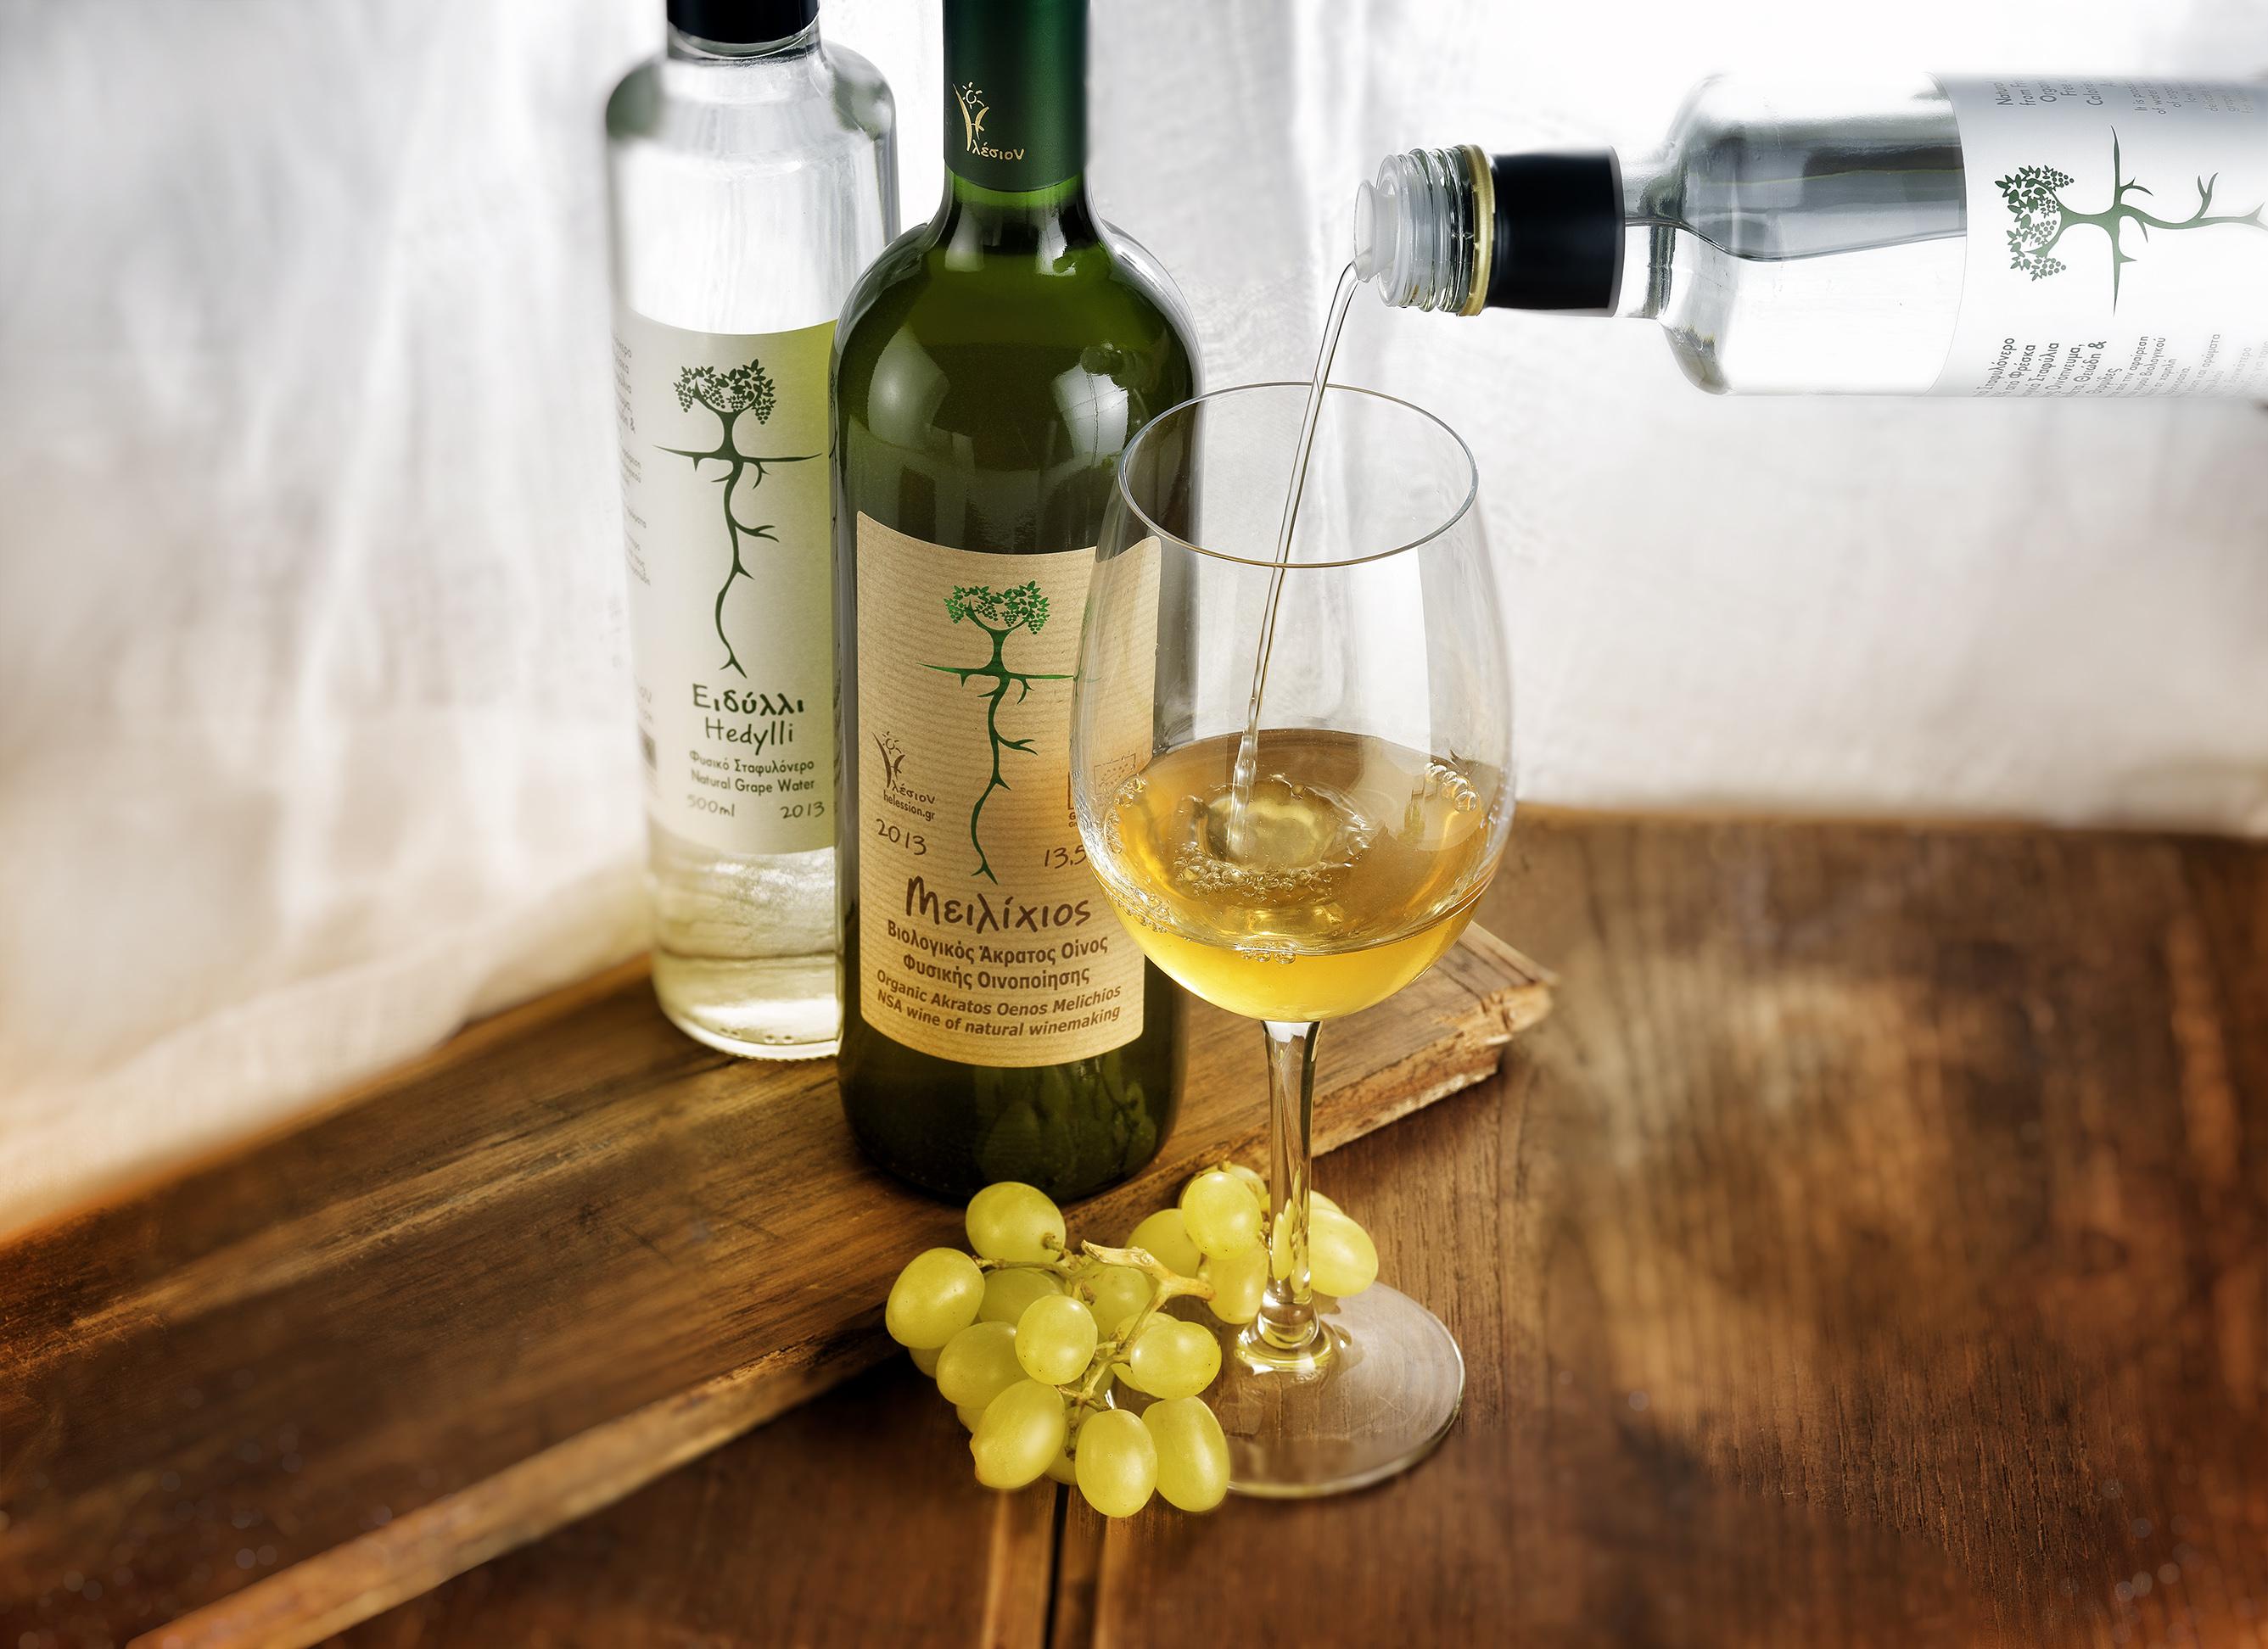 Άκρατος Οίνος + Ειδύλλι = Κρασί (Κεκραμμένος Οίνος)